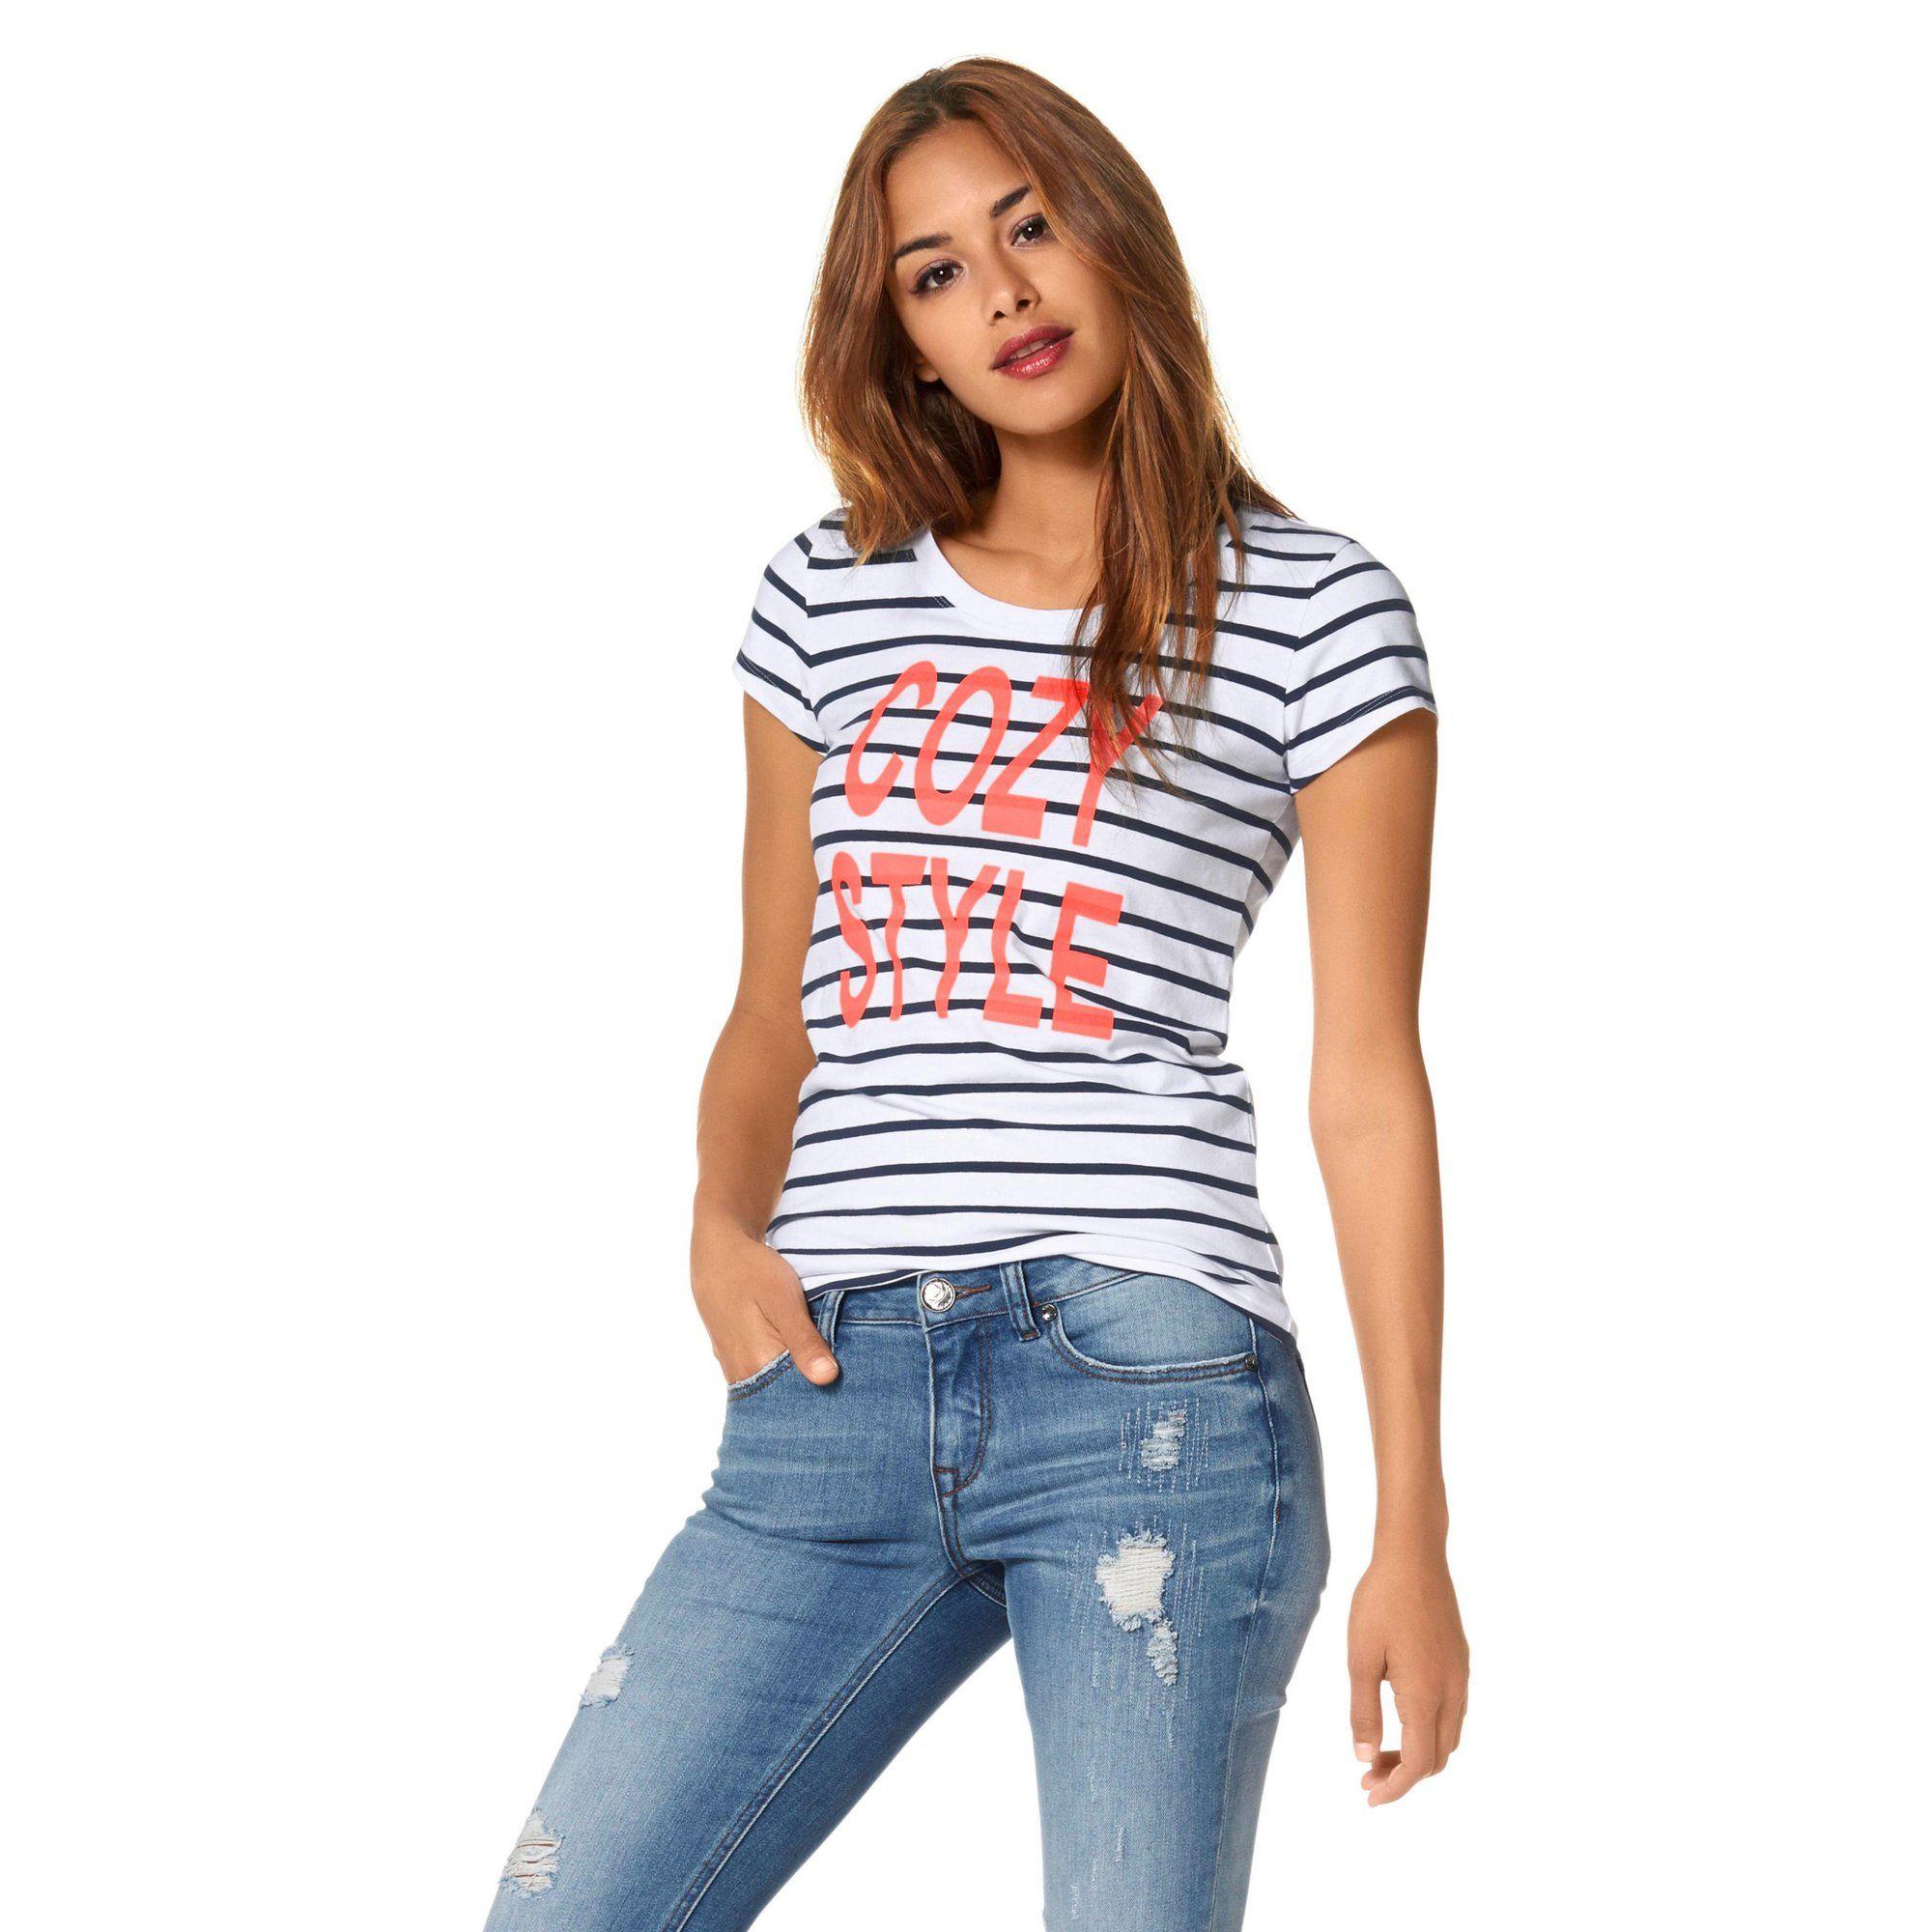 8868a1fb8a634 T-shirt rayé manches courtes marinière femme AJC   Marins d eau ...